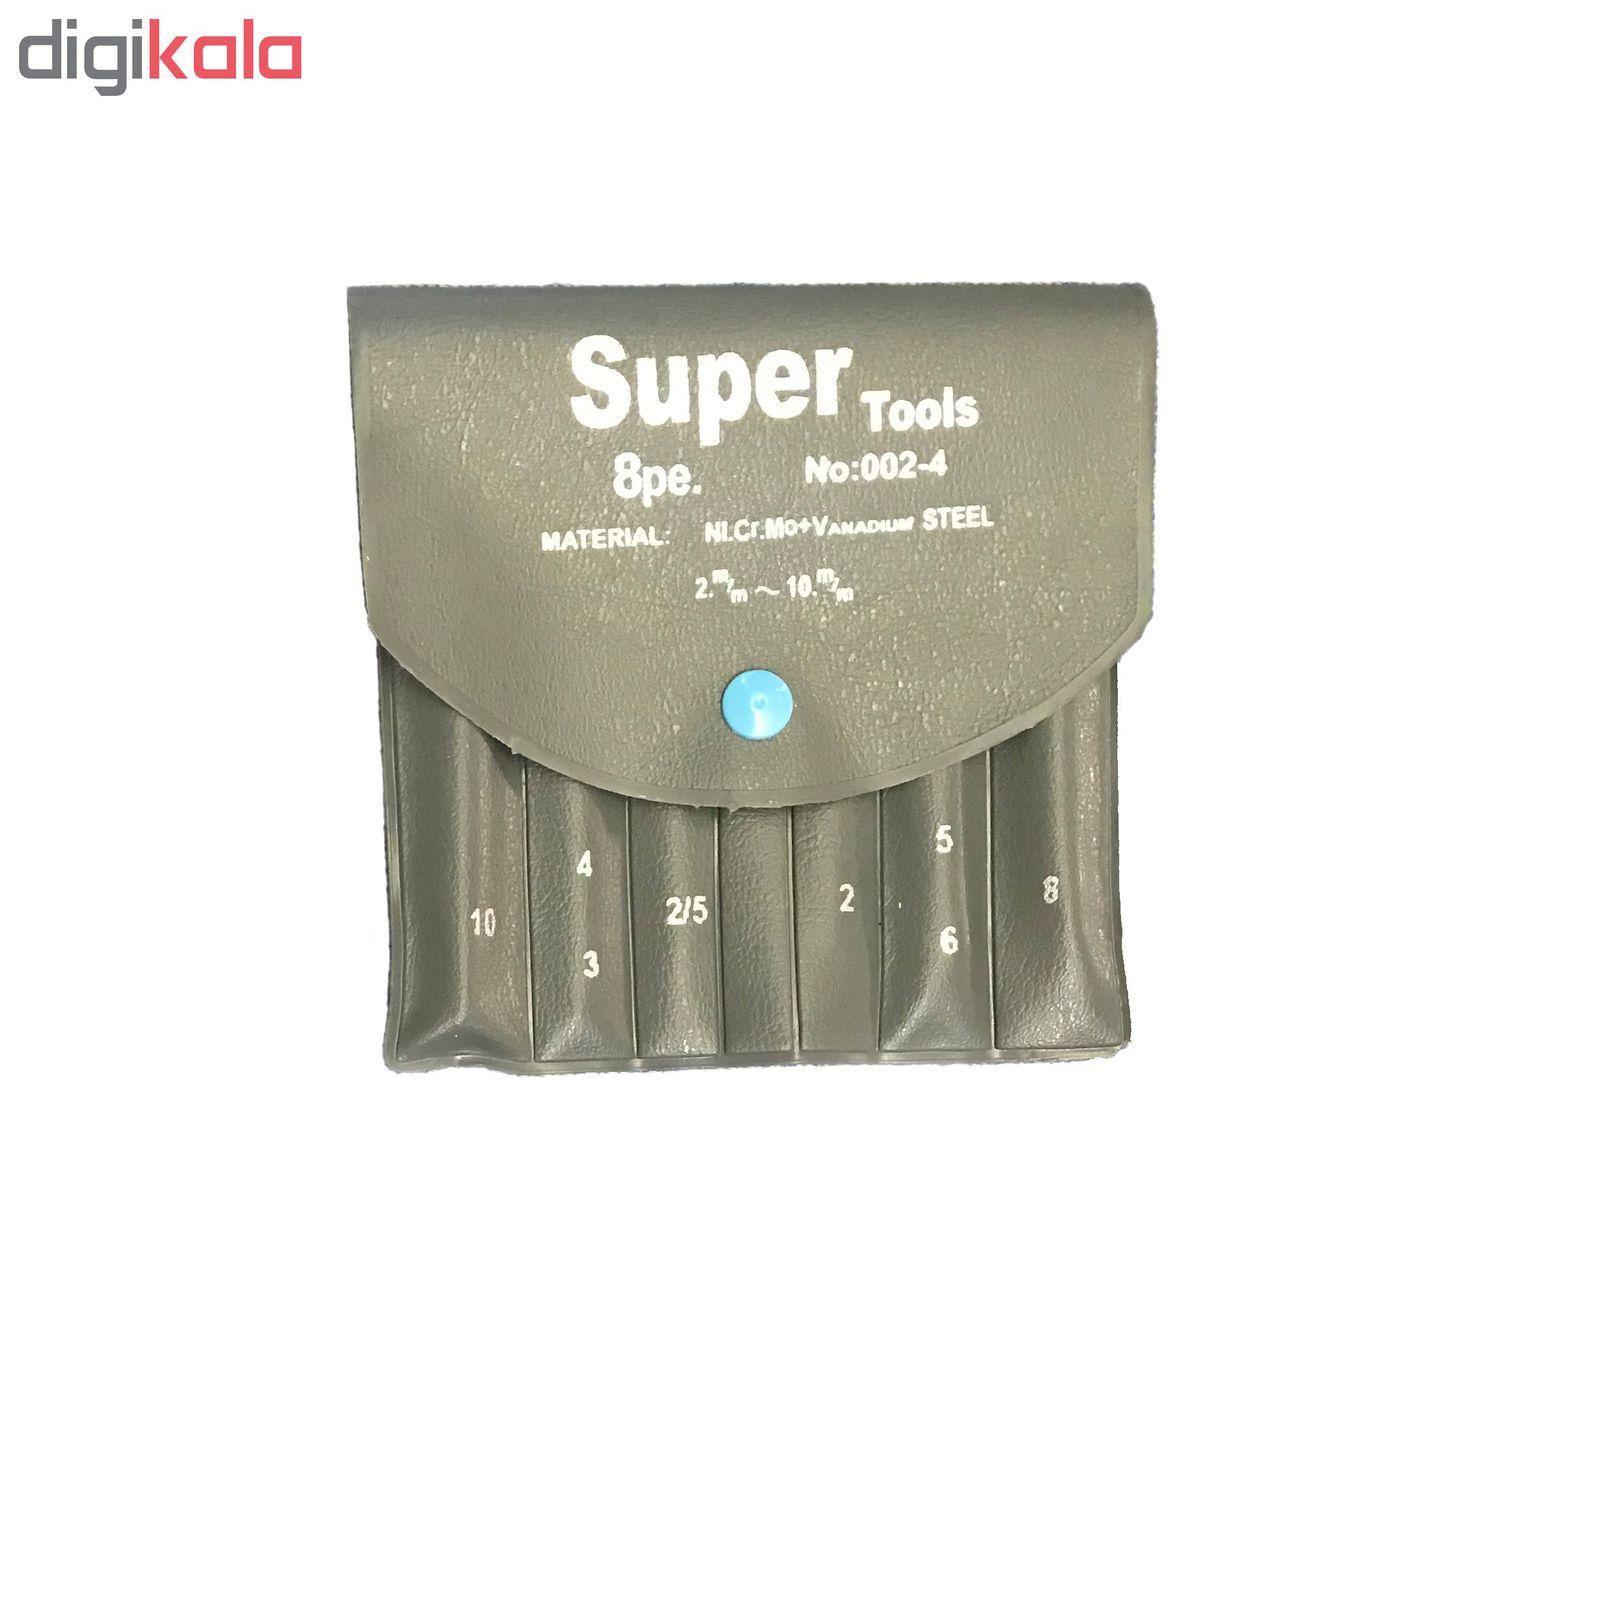 مجموعه 8 عددی آچار آلن سوپرتولز مدل QR-X1 main 1 2